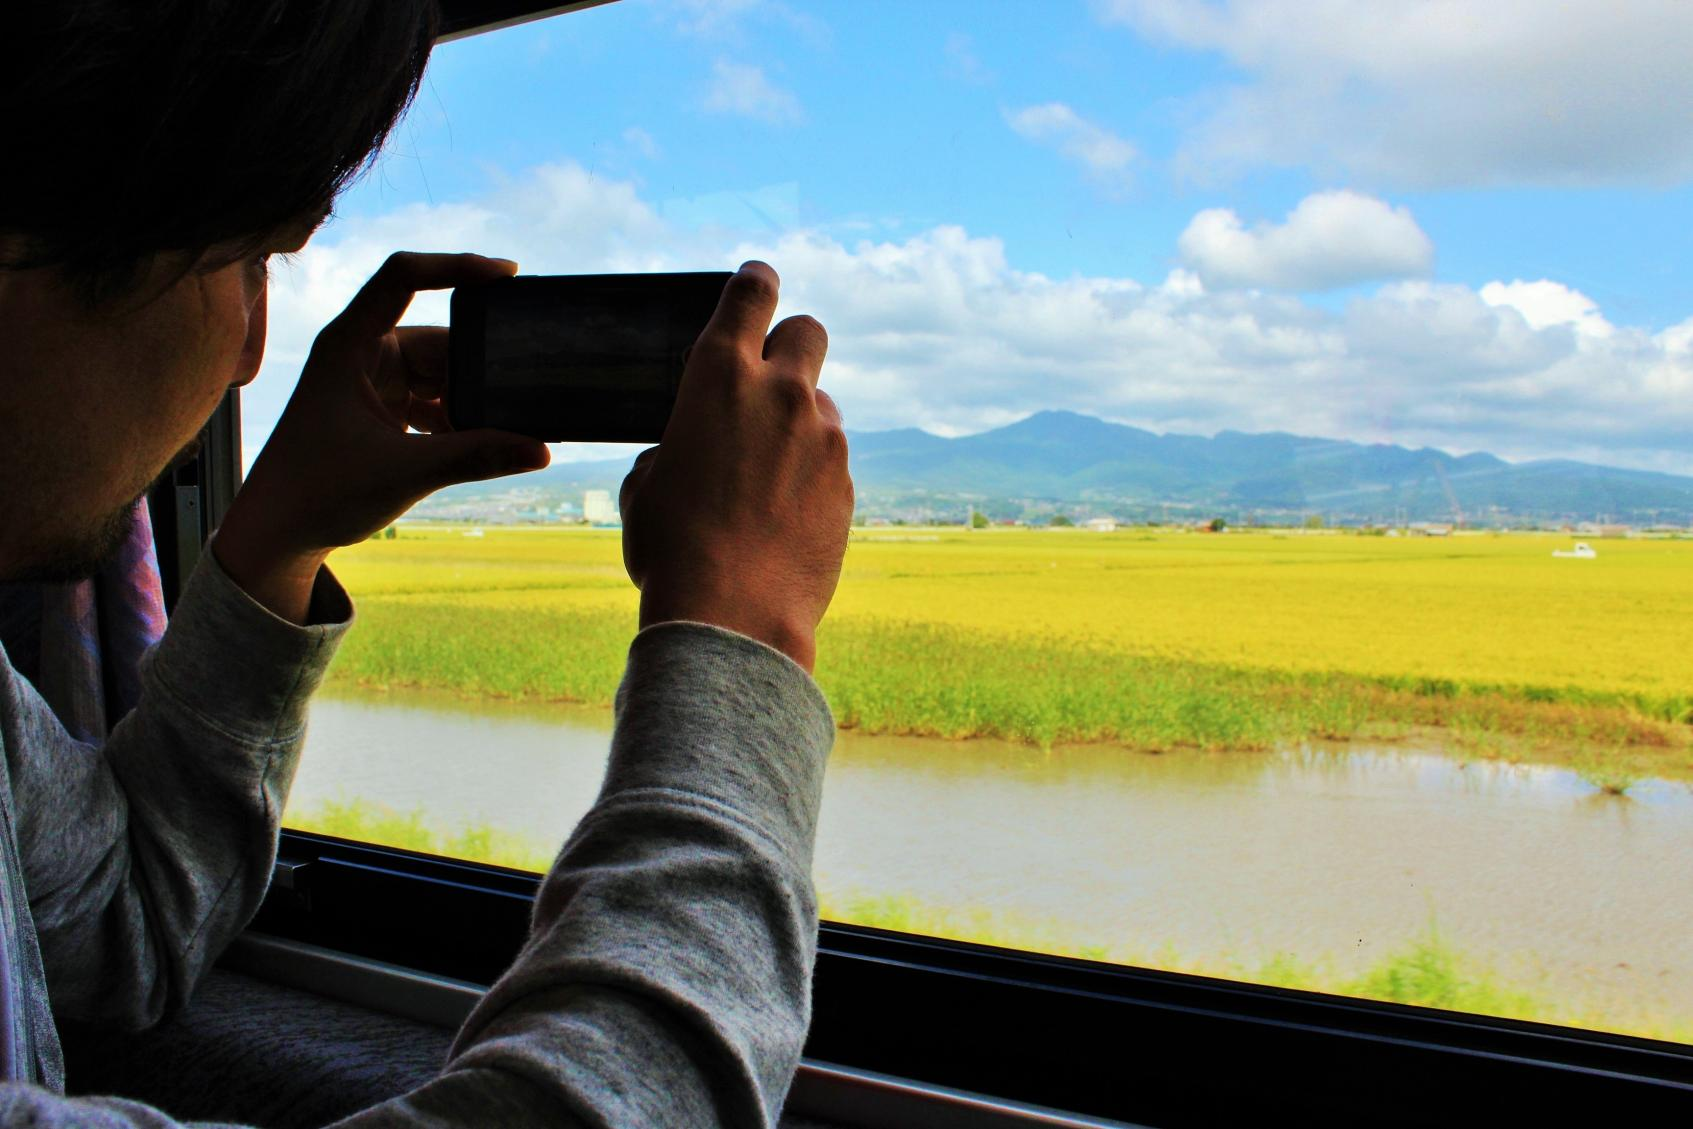 島原鐵道:往來山海之間的黃色列車-3